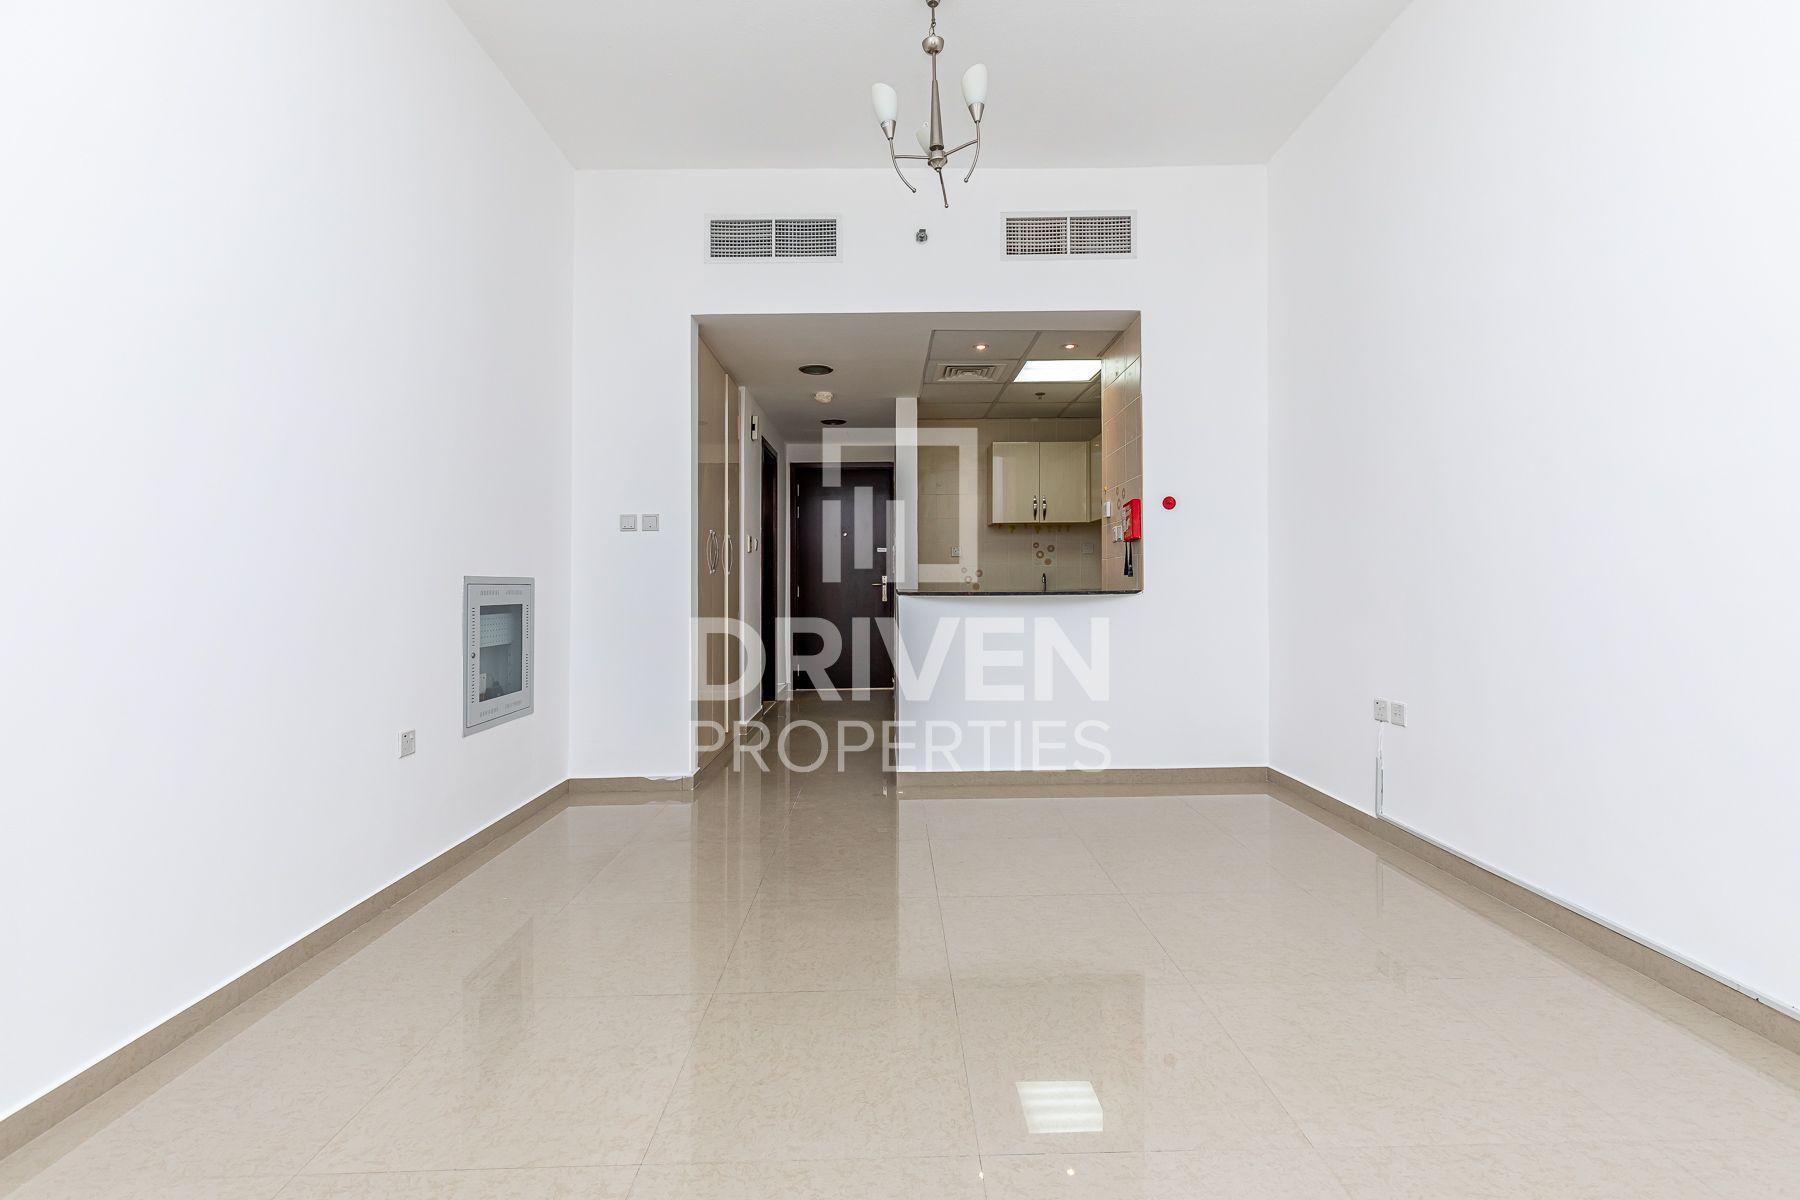 411 قدم مربع  ستوديو - للايجار - مدينة دبي الرياضية